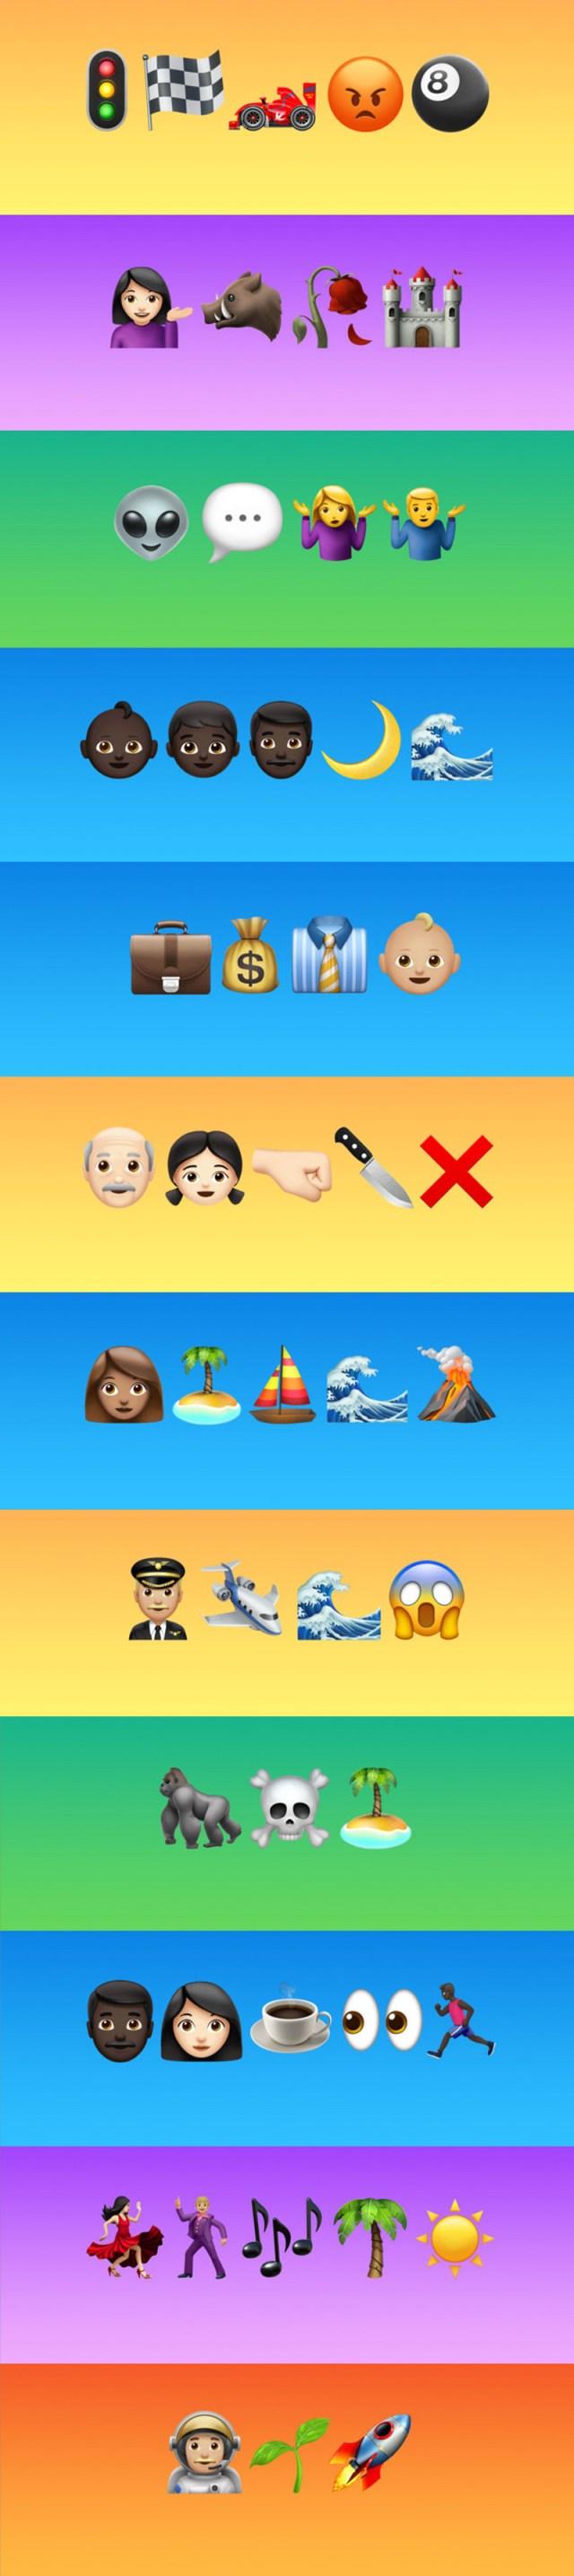 Lista de películas con nombres escritos con emojis